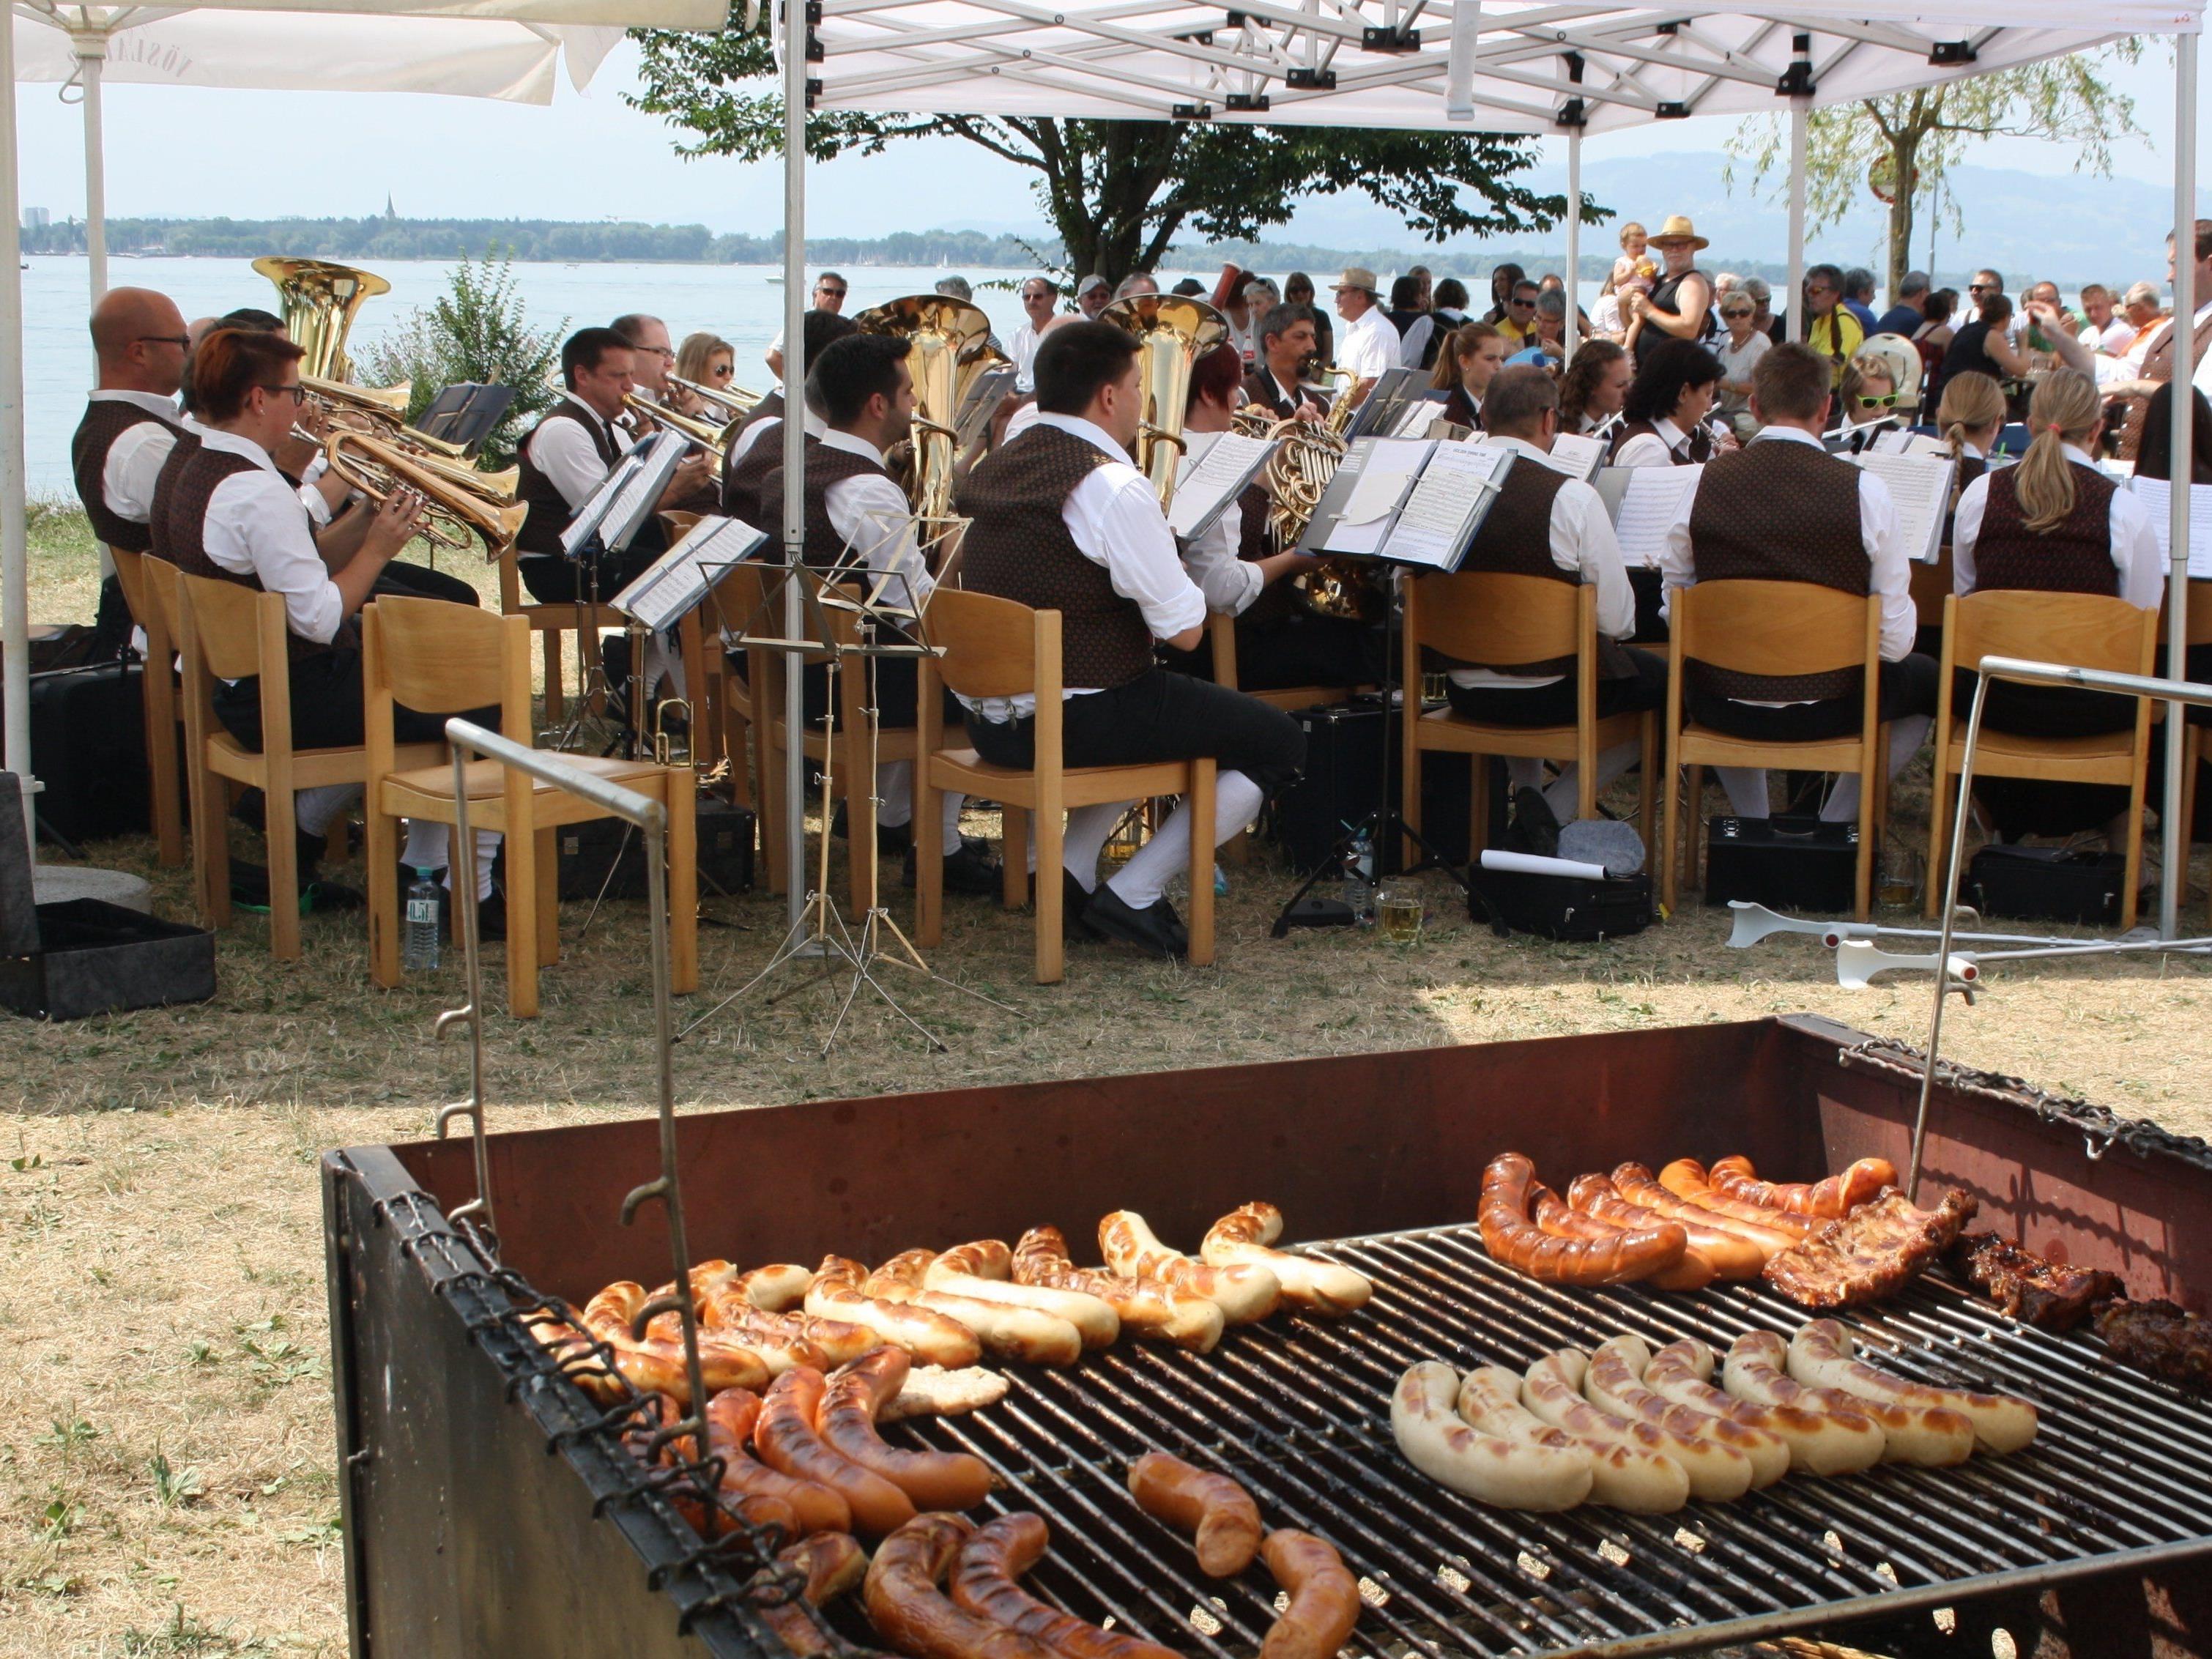 """Gute Stimmung beim Frühschoppen am See mit dem Musikverein Lochau im Ambiente der """"Alten Fähre"""" im Lochauer Hafen."""